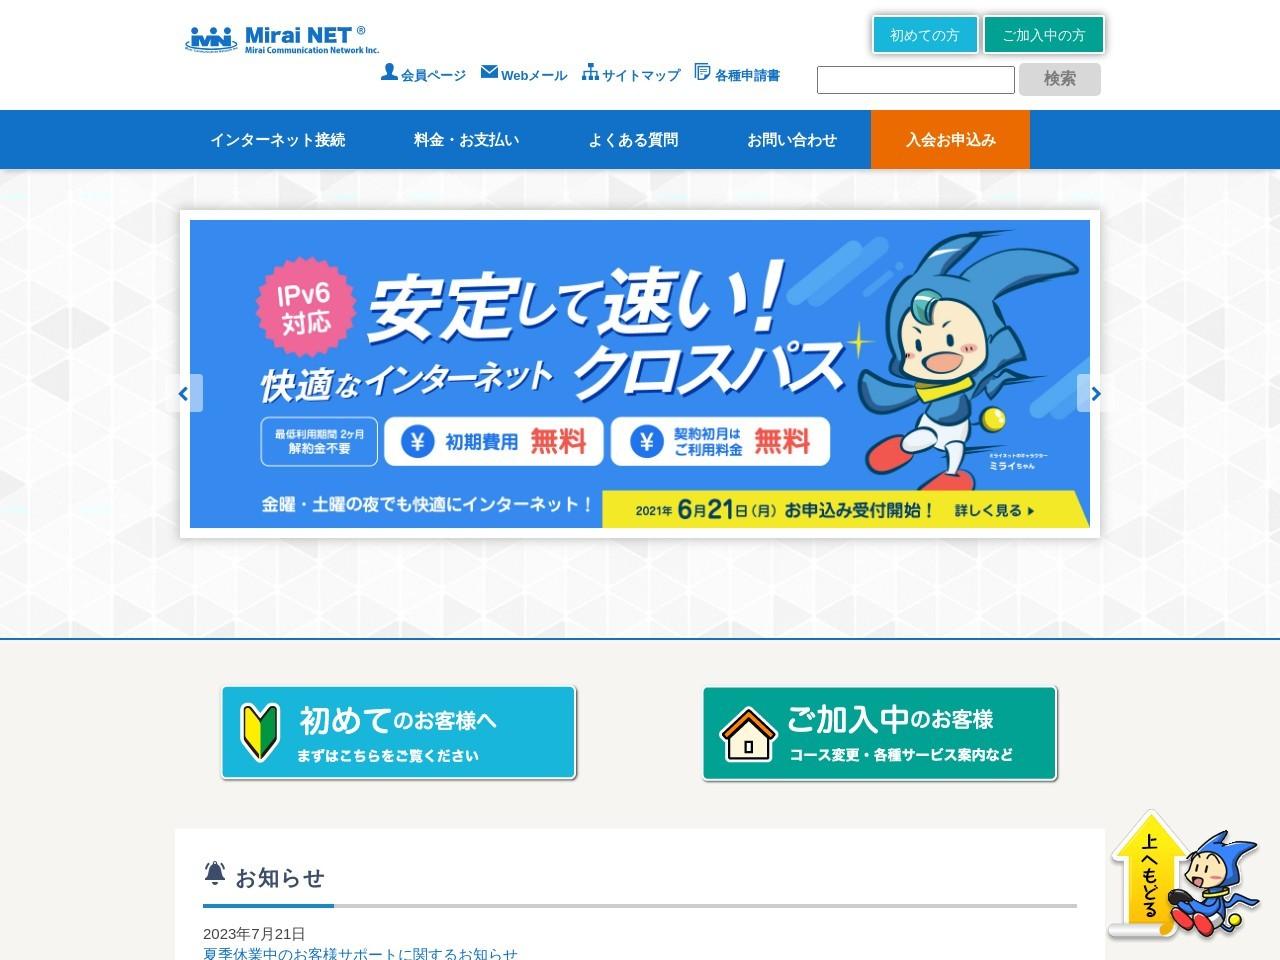 ミライネット|フレッツ光対応のプロバイダ「Mirai NET」 :: Home